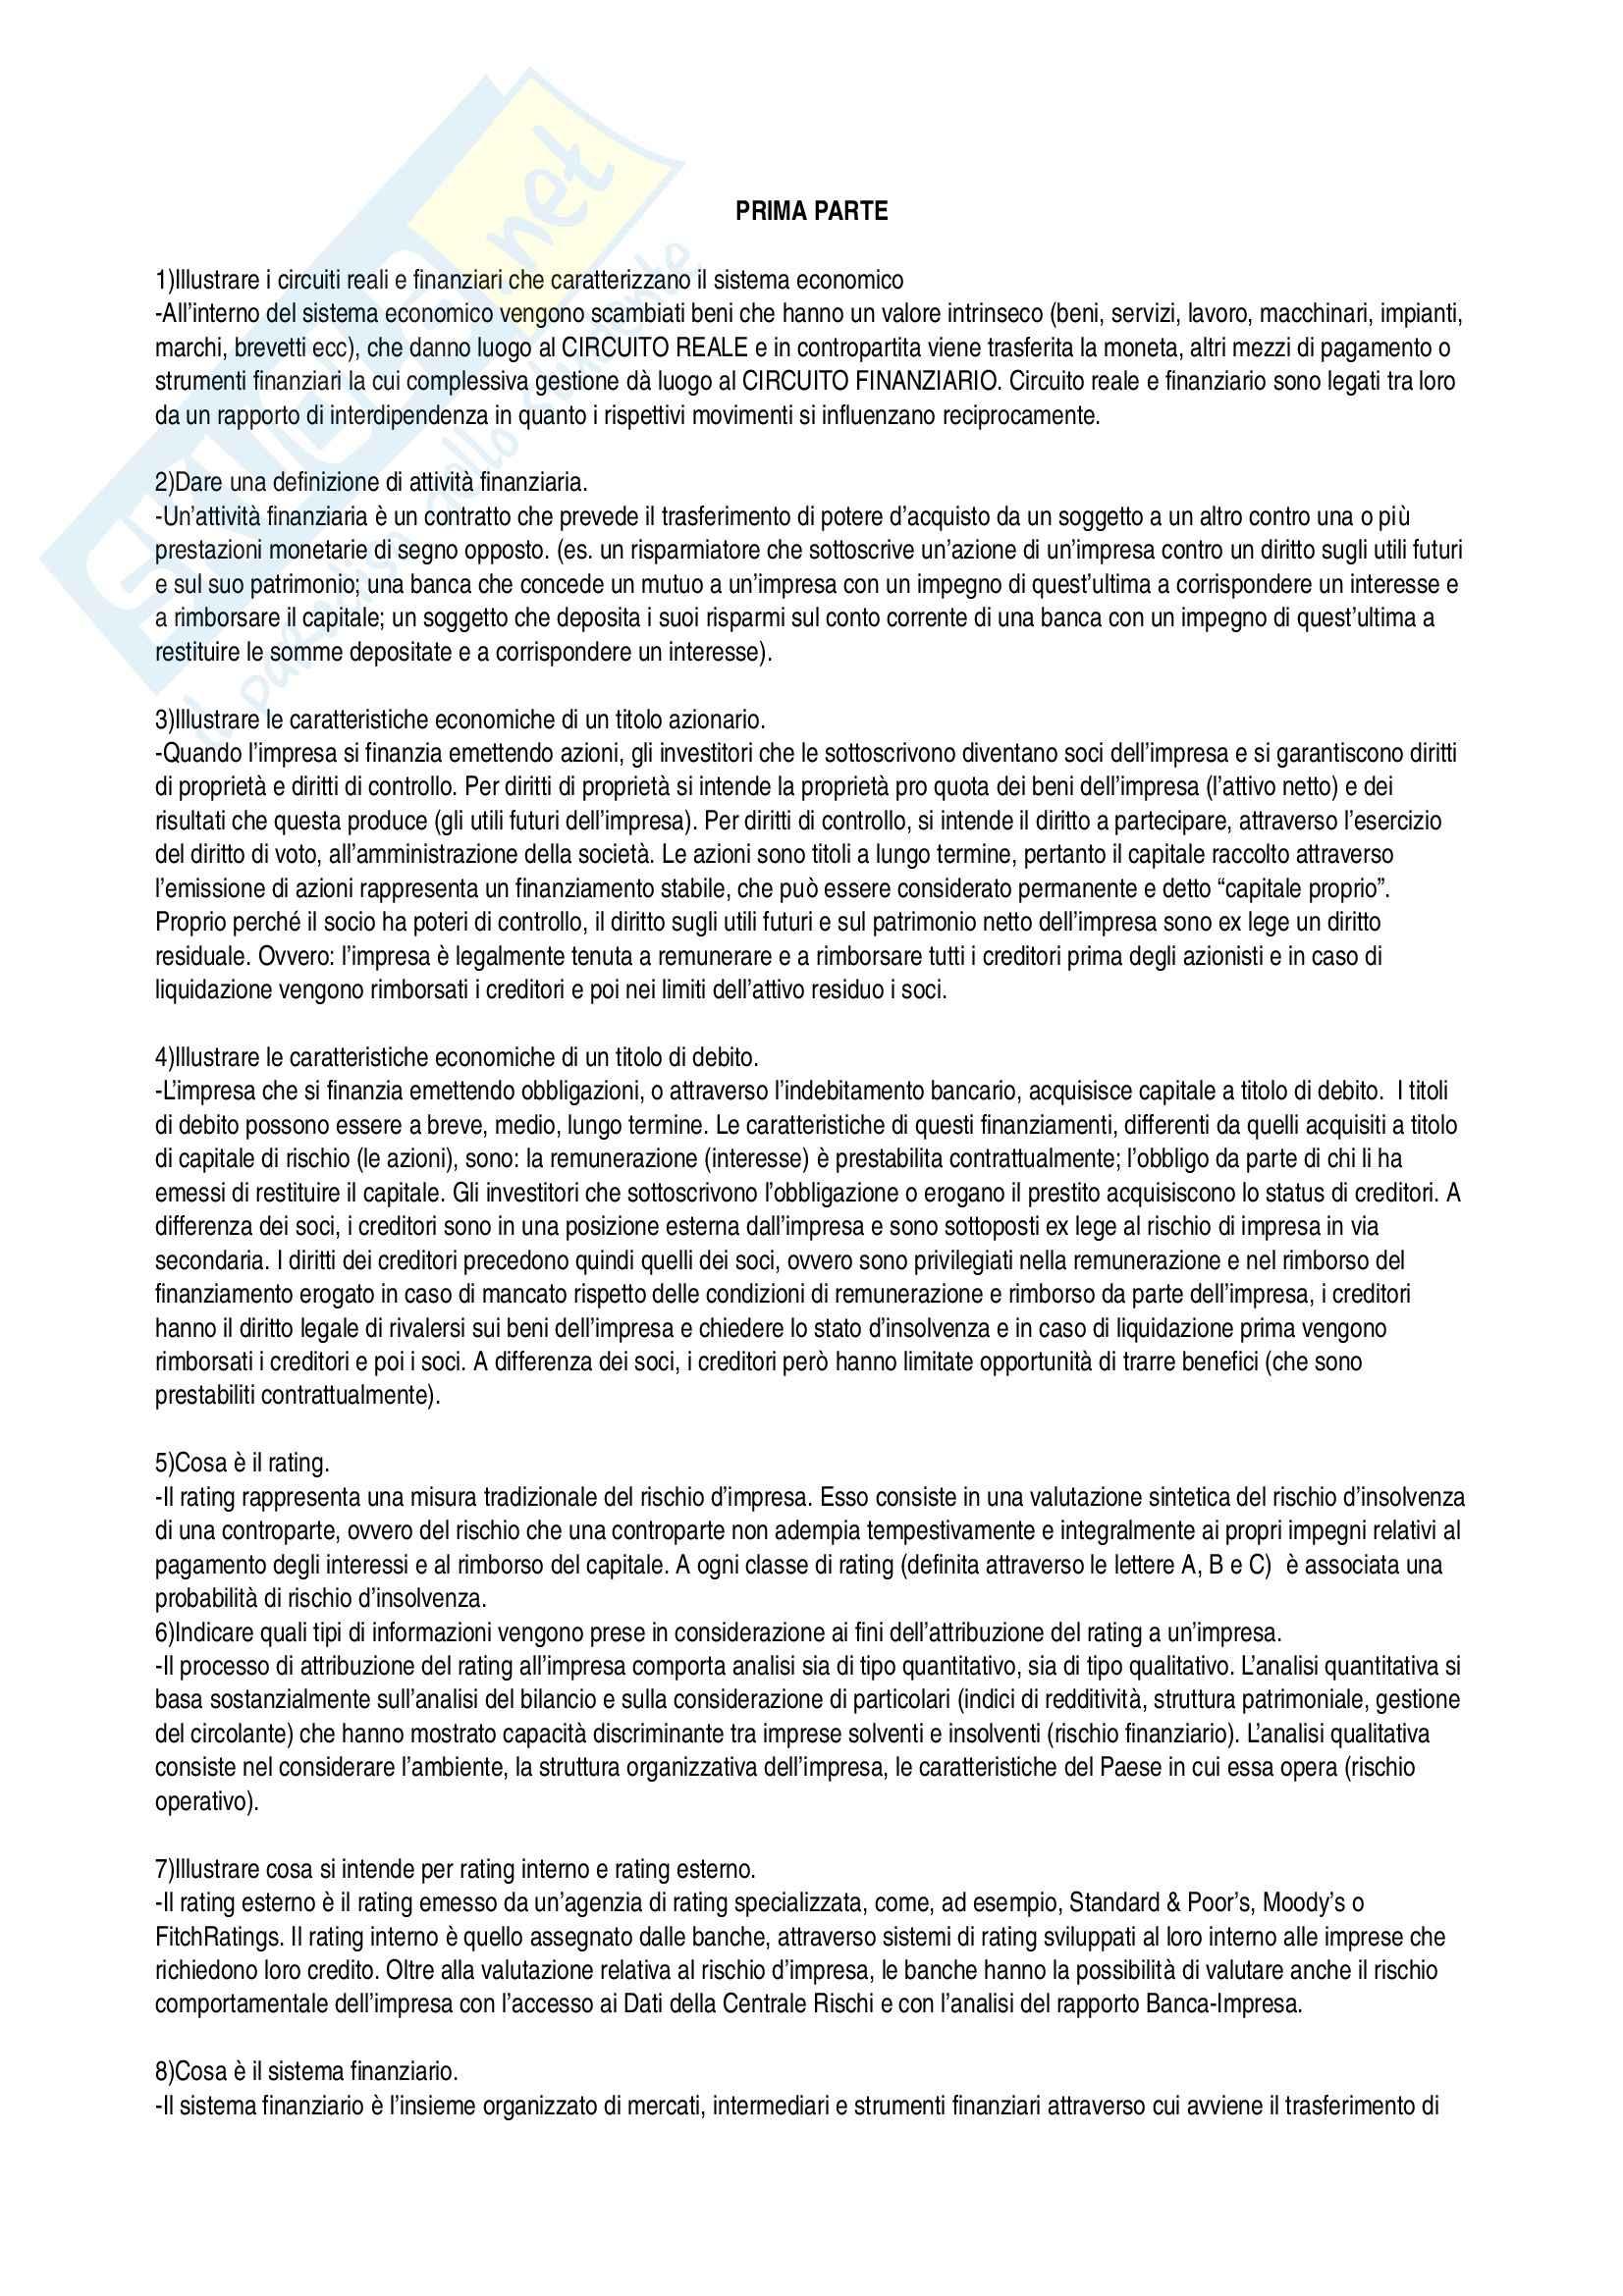 Bilancio e Analisi Finanziaria - risposte